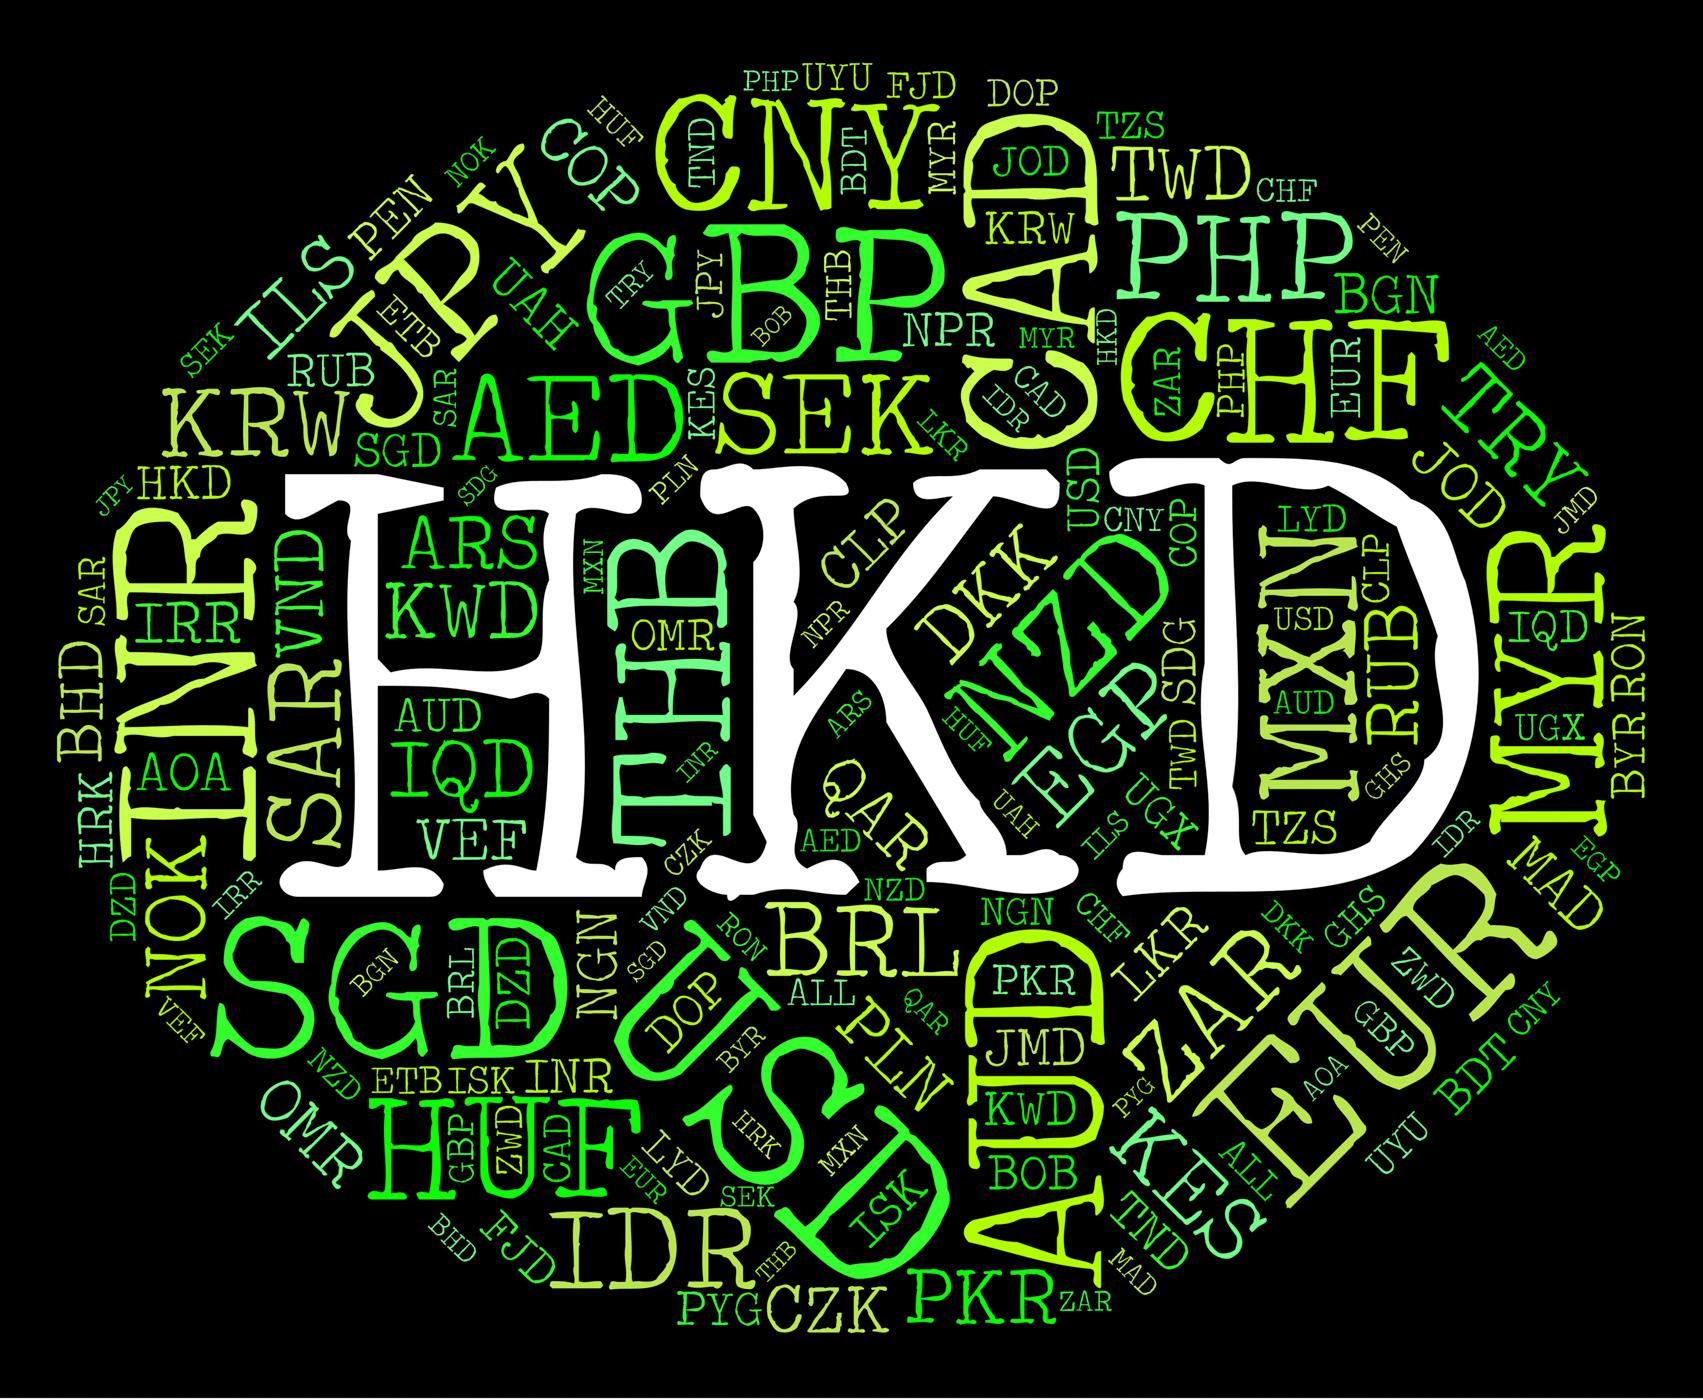 Hkd Currency Indicates Hong Kong Dollar And Coinage, Hongkong, Hongkongdollar, Hkdcurrency, Hkd, HQ Photo